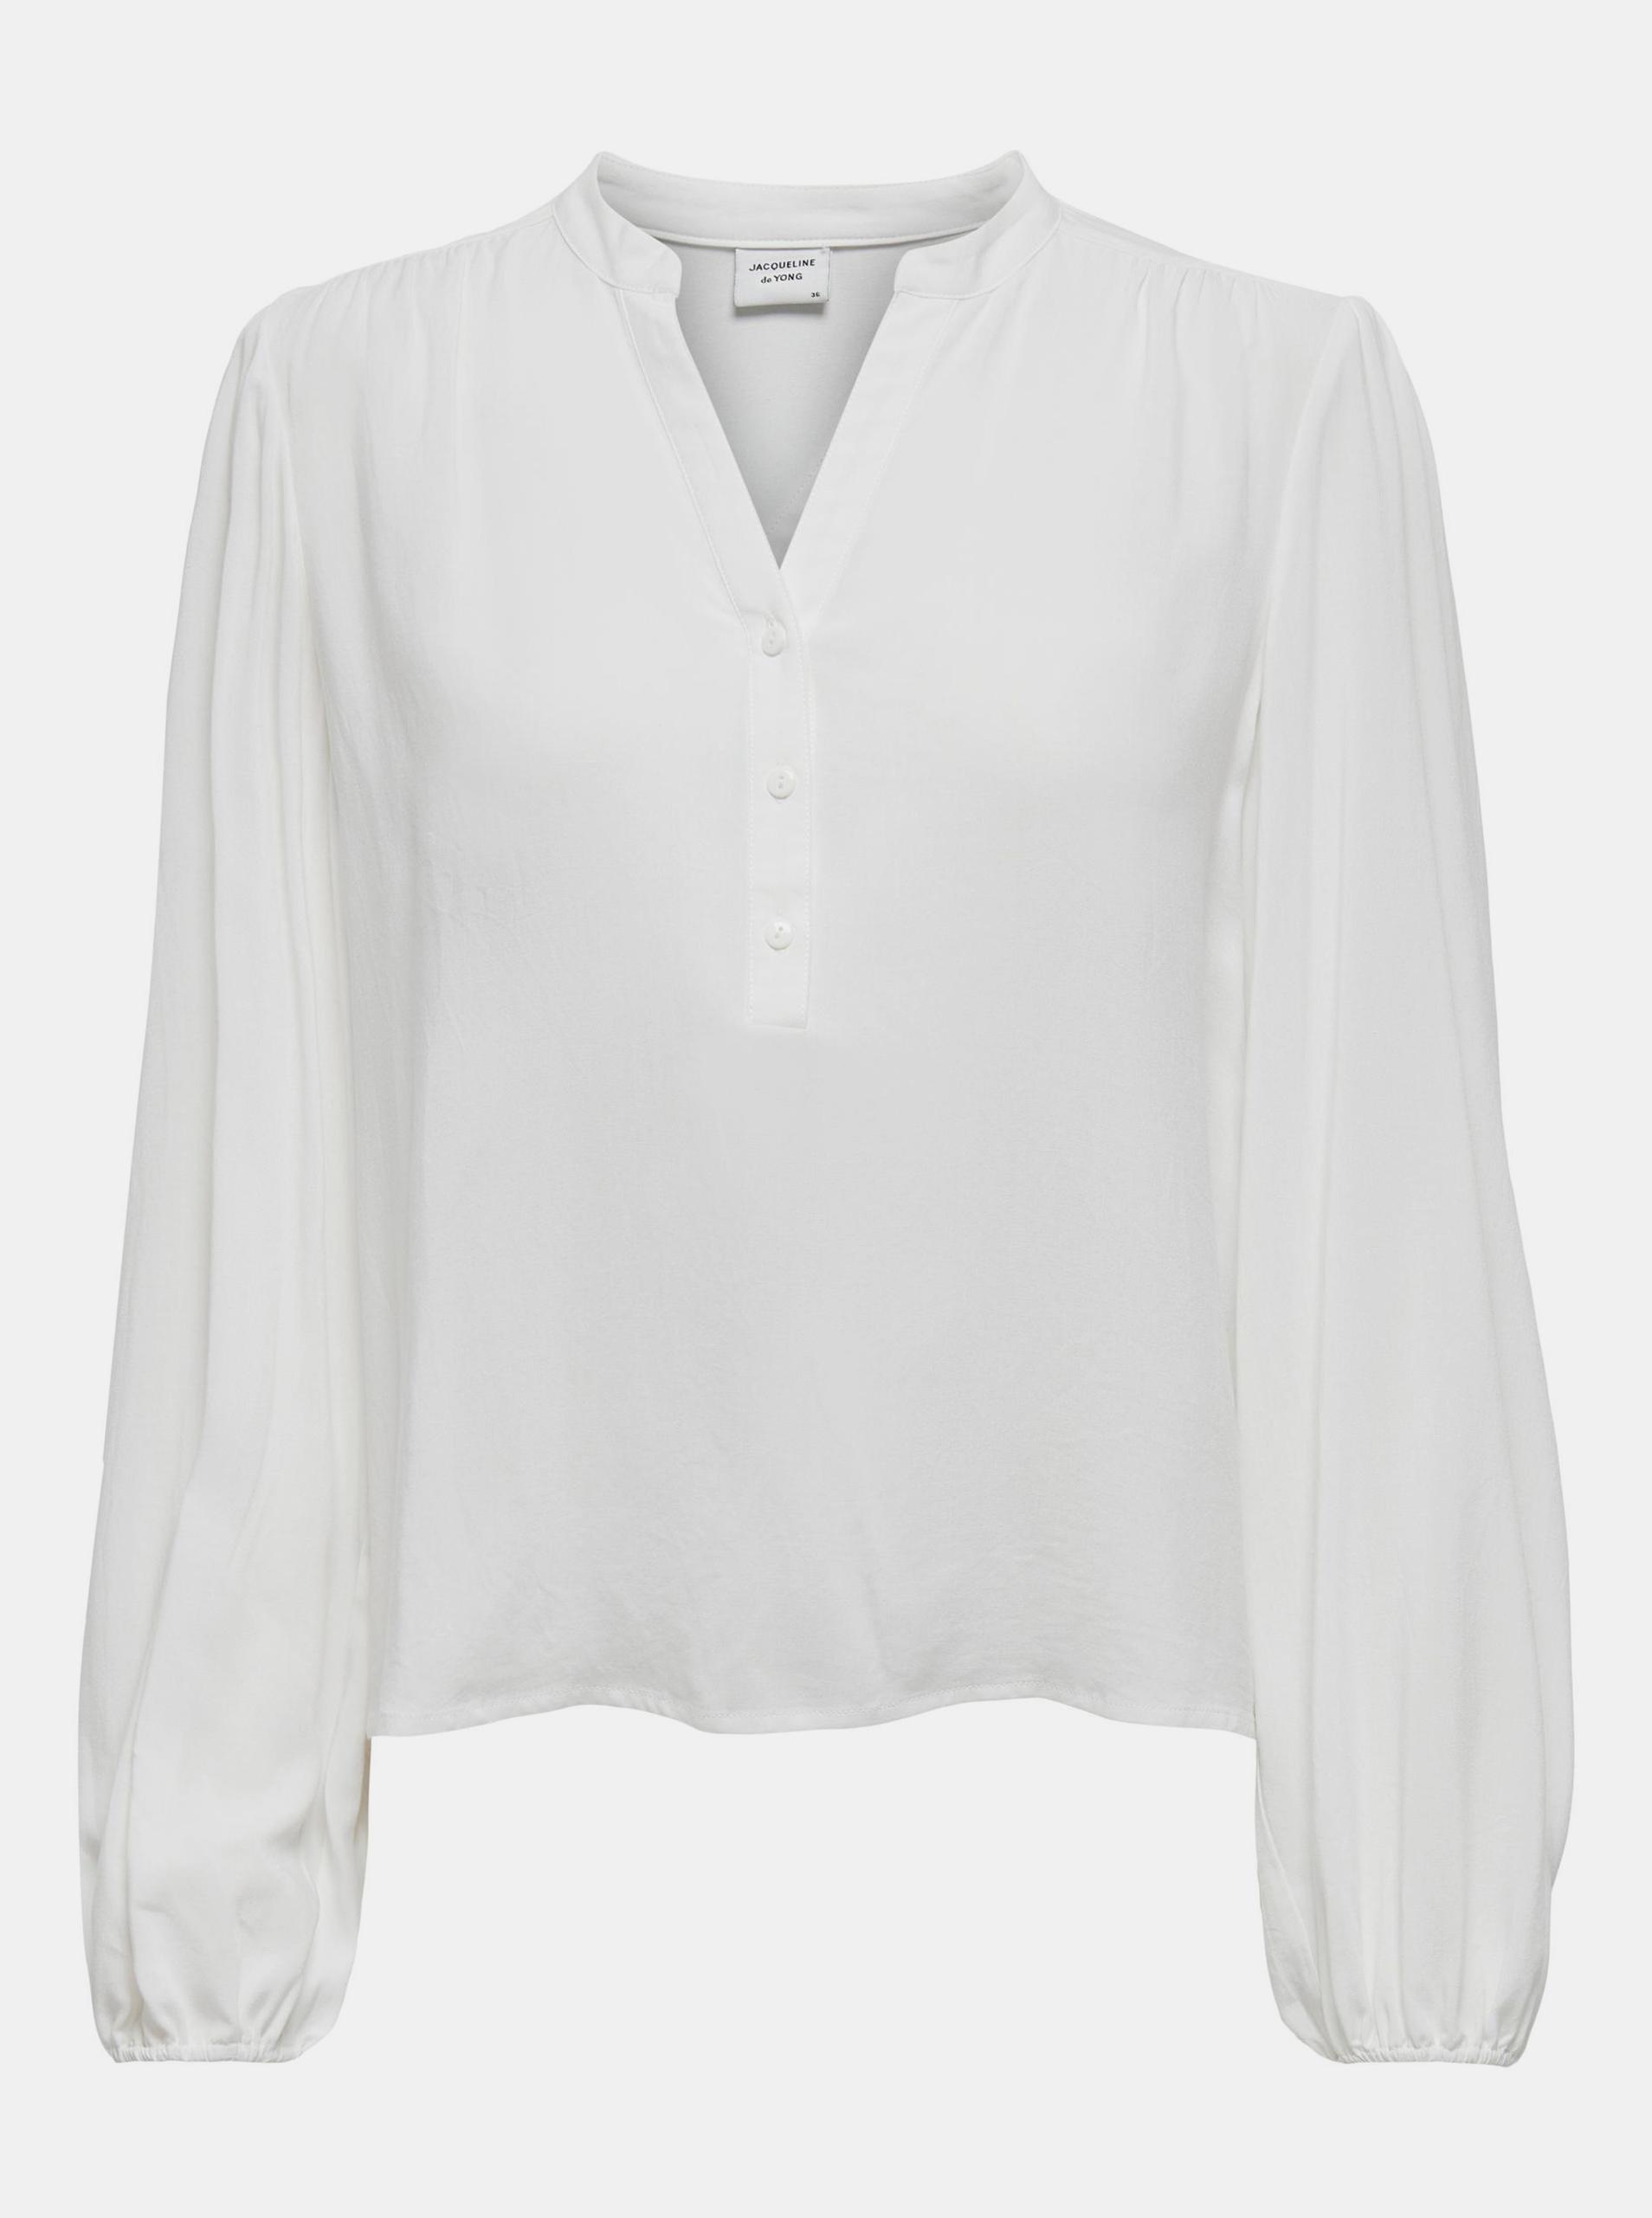 Jacqueline de Yong white blouse Marlon